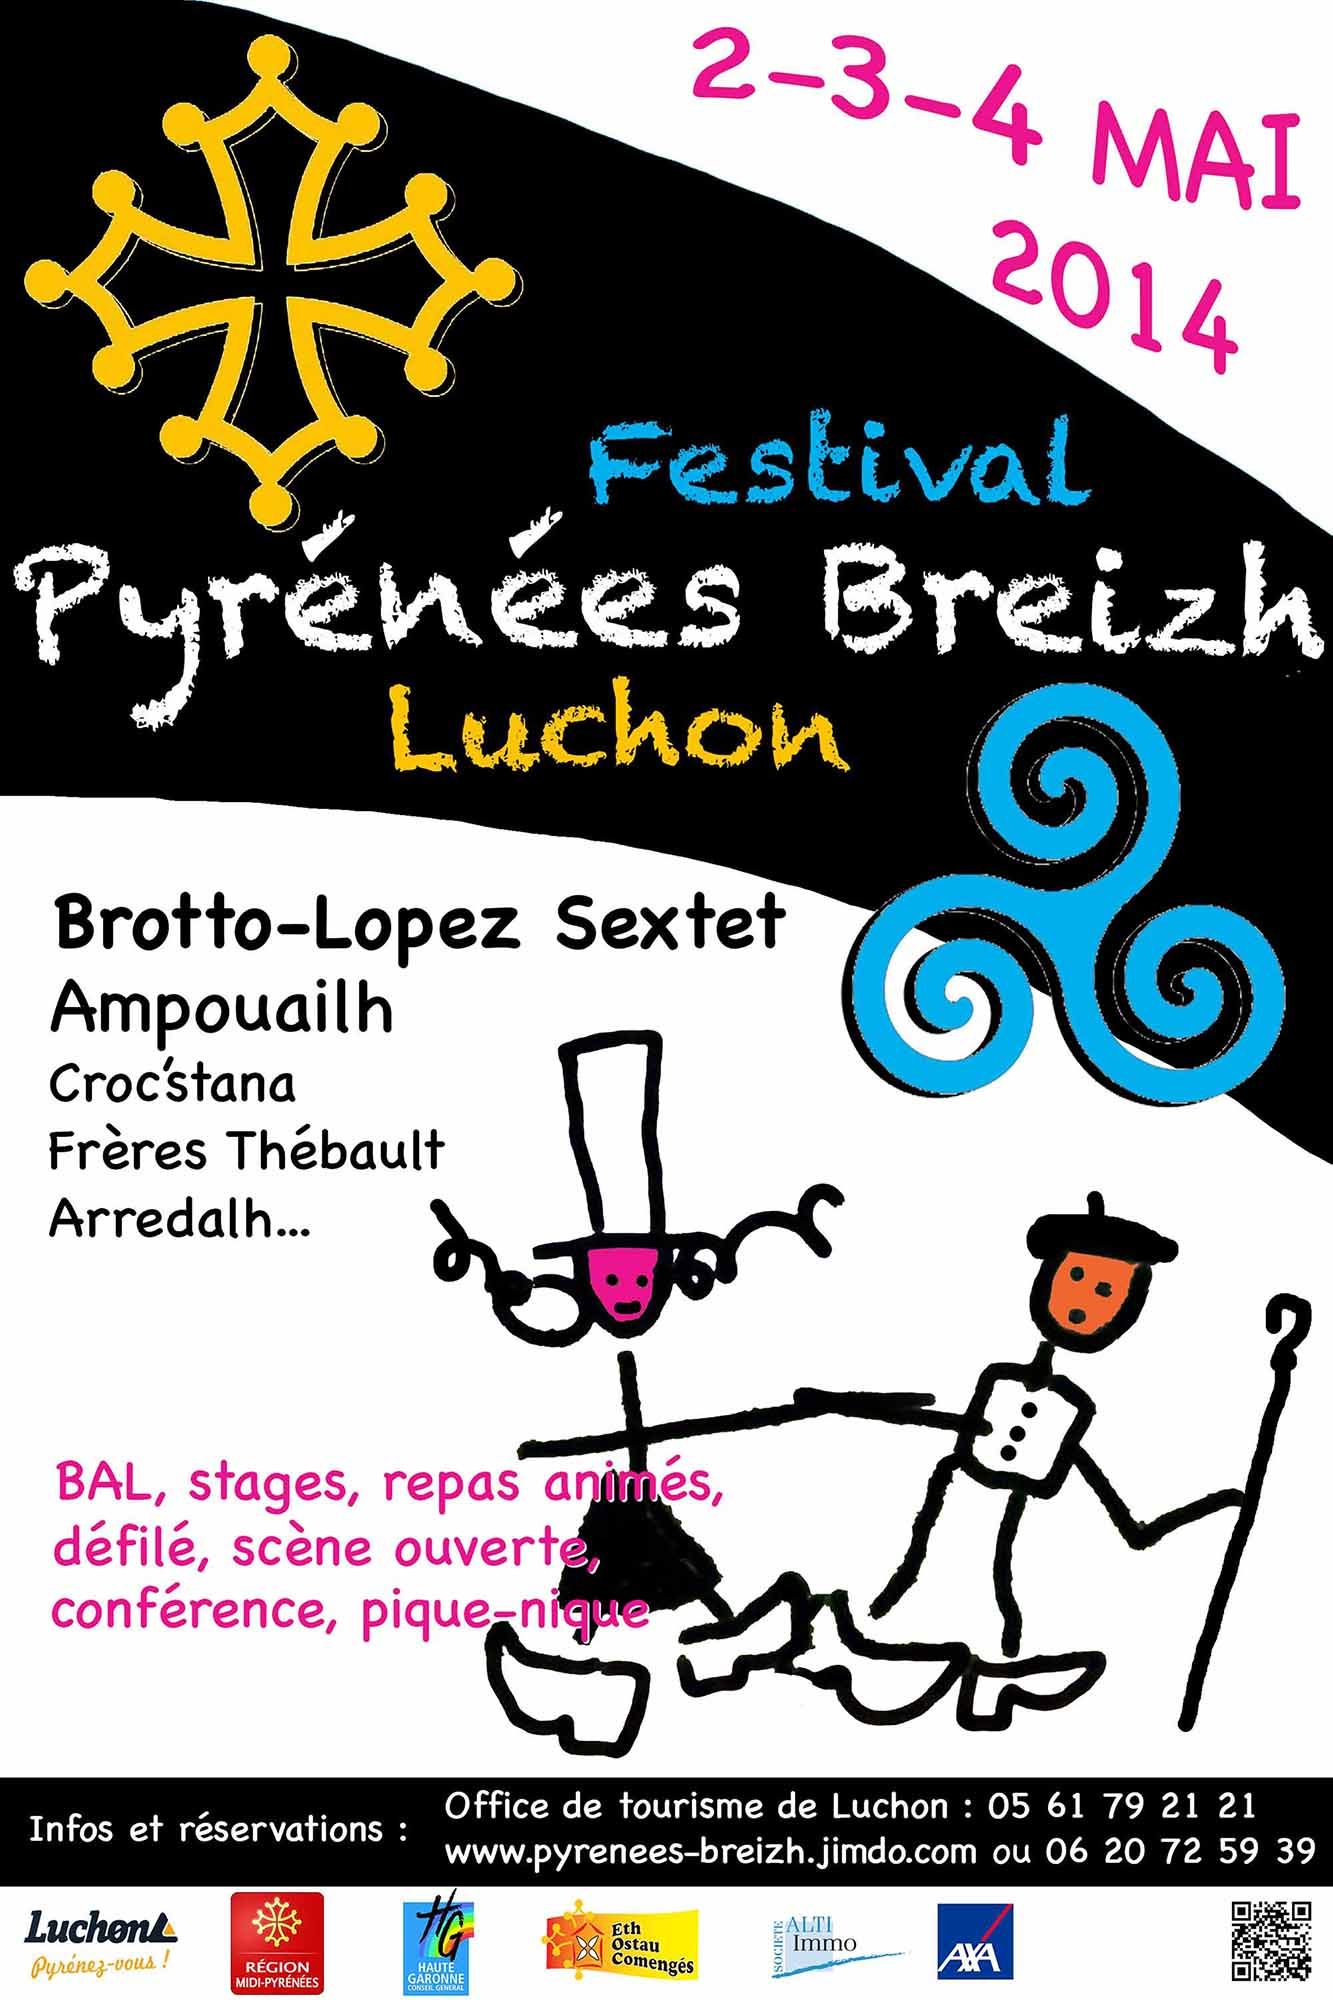 Festival pyr n es breizh luchon 02 mai 2014 bagn res de luchon - Office de tourisme luchon ...